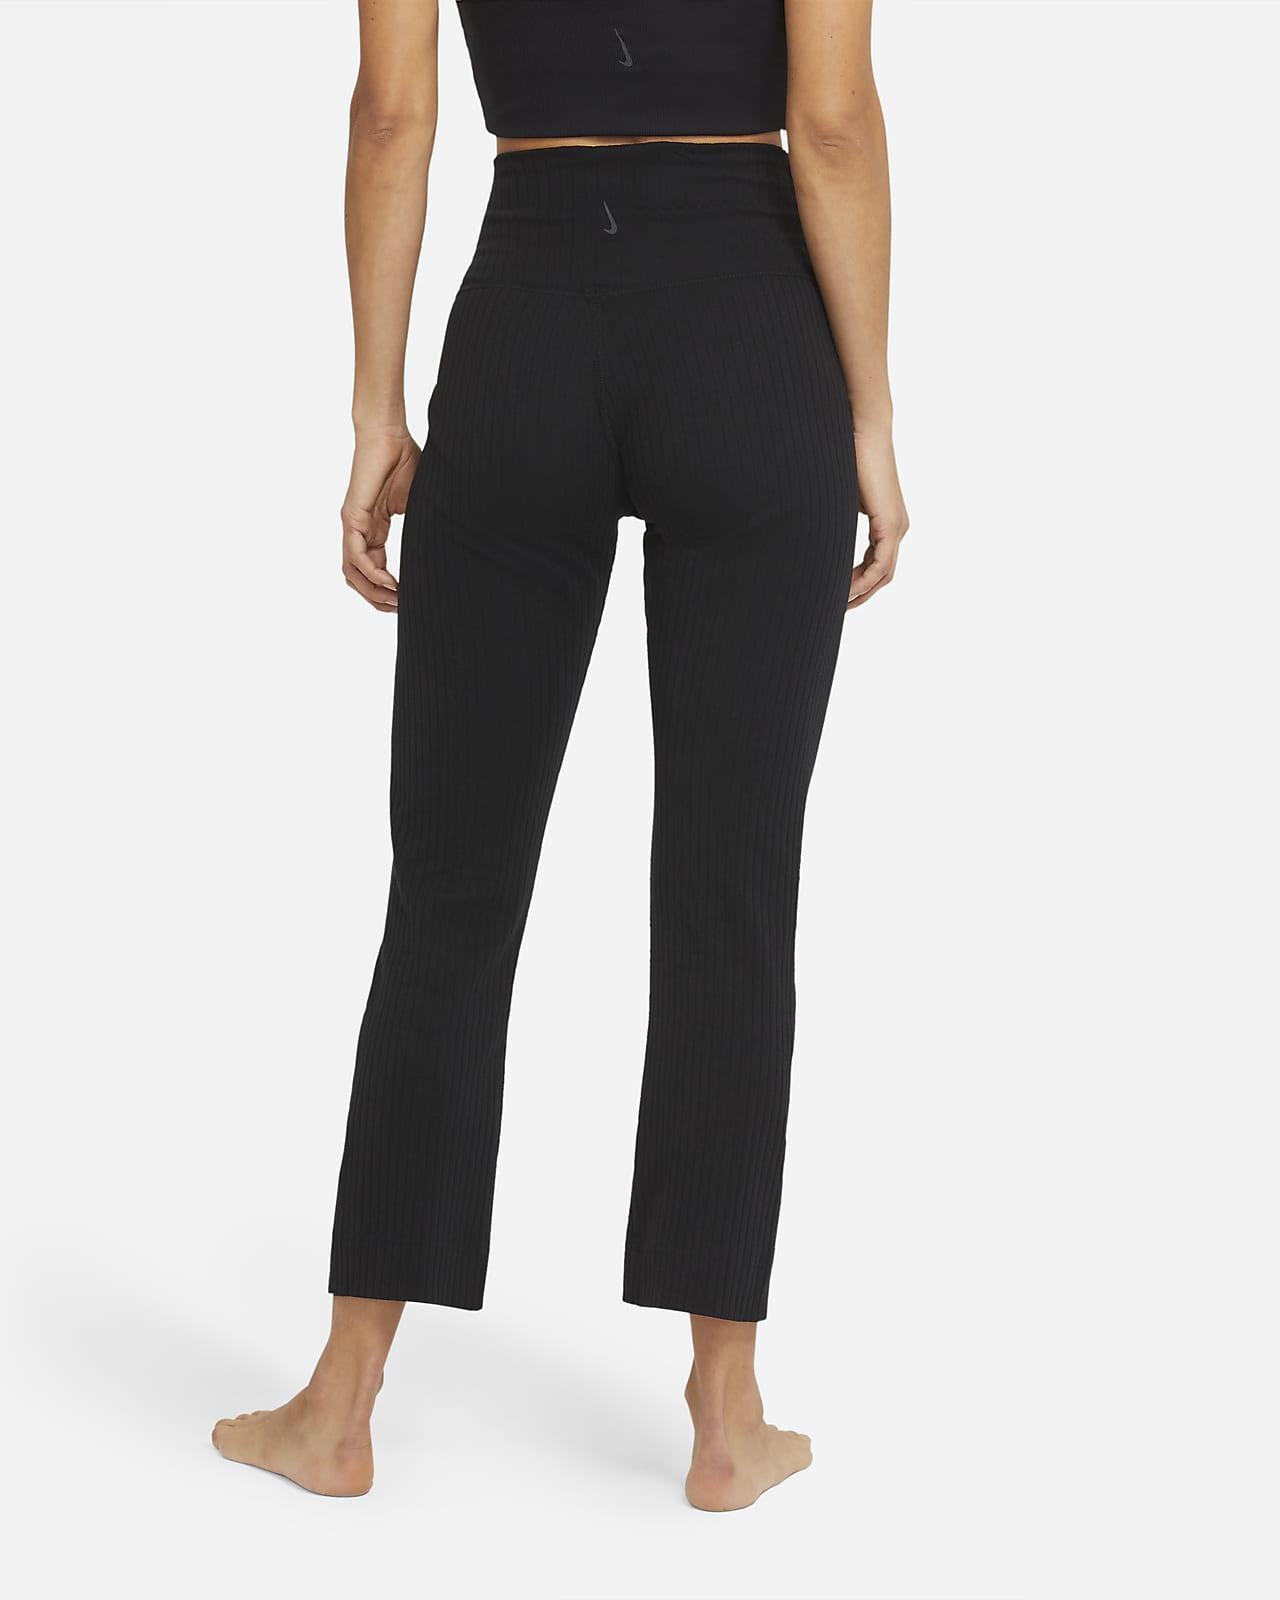 Pantalones De 7 8 De Tela Rib Para Mujer Nike Yoga Nike Com